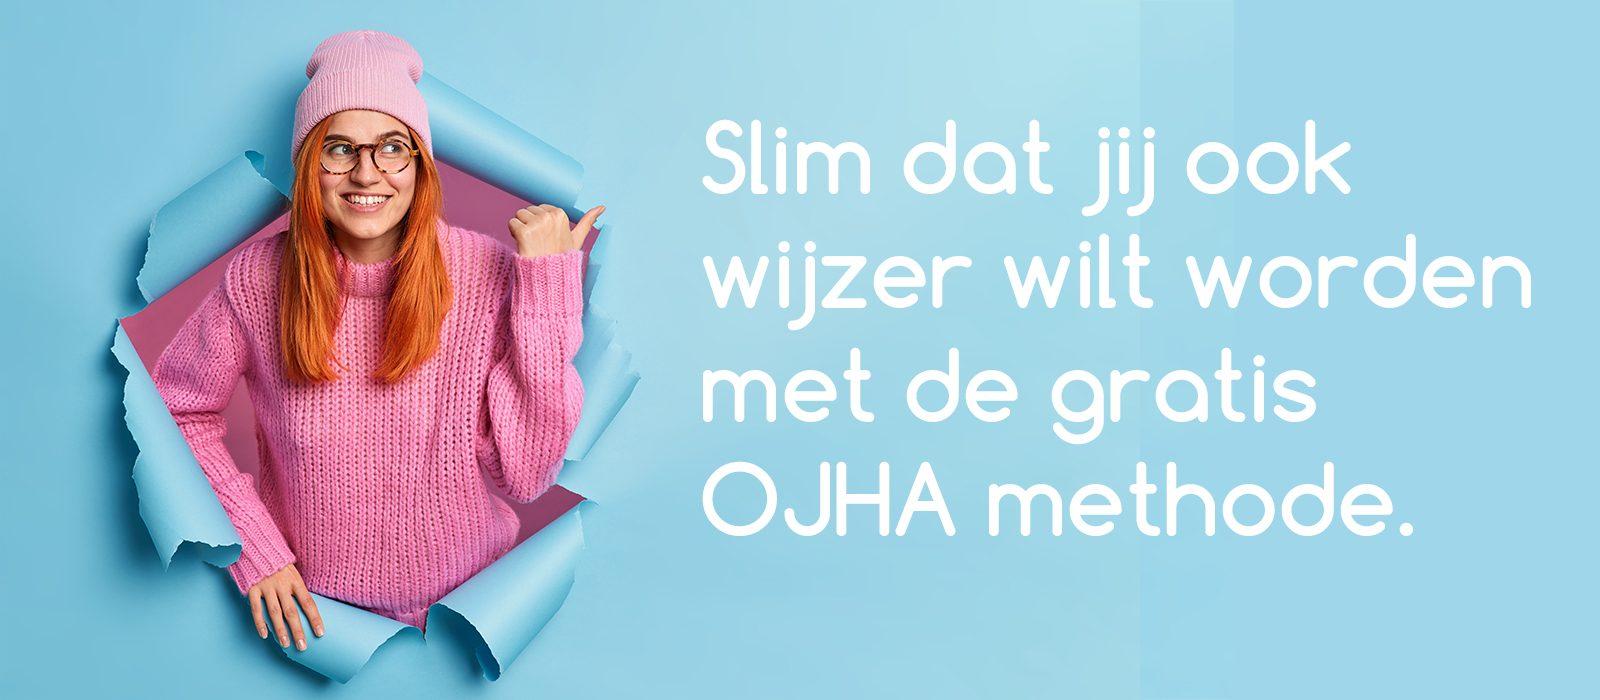 header OJHA methode wijleggenuit 2